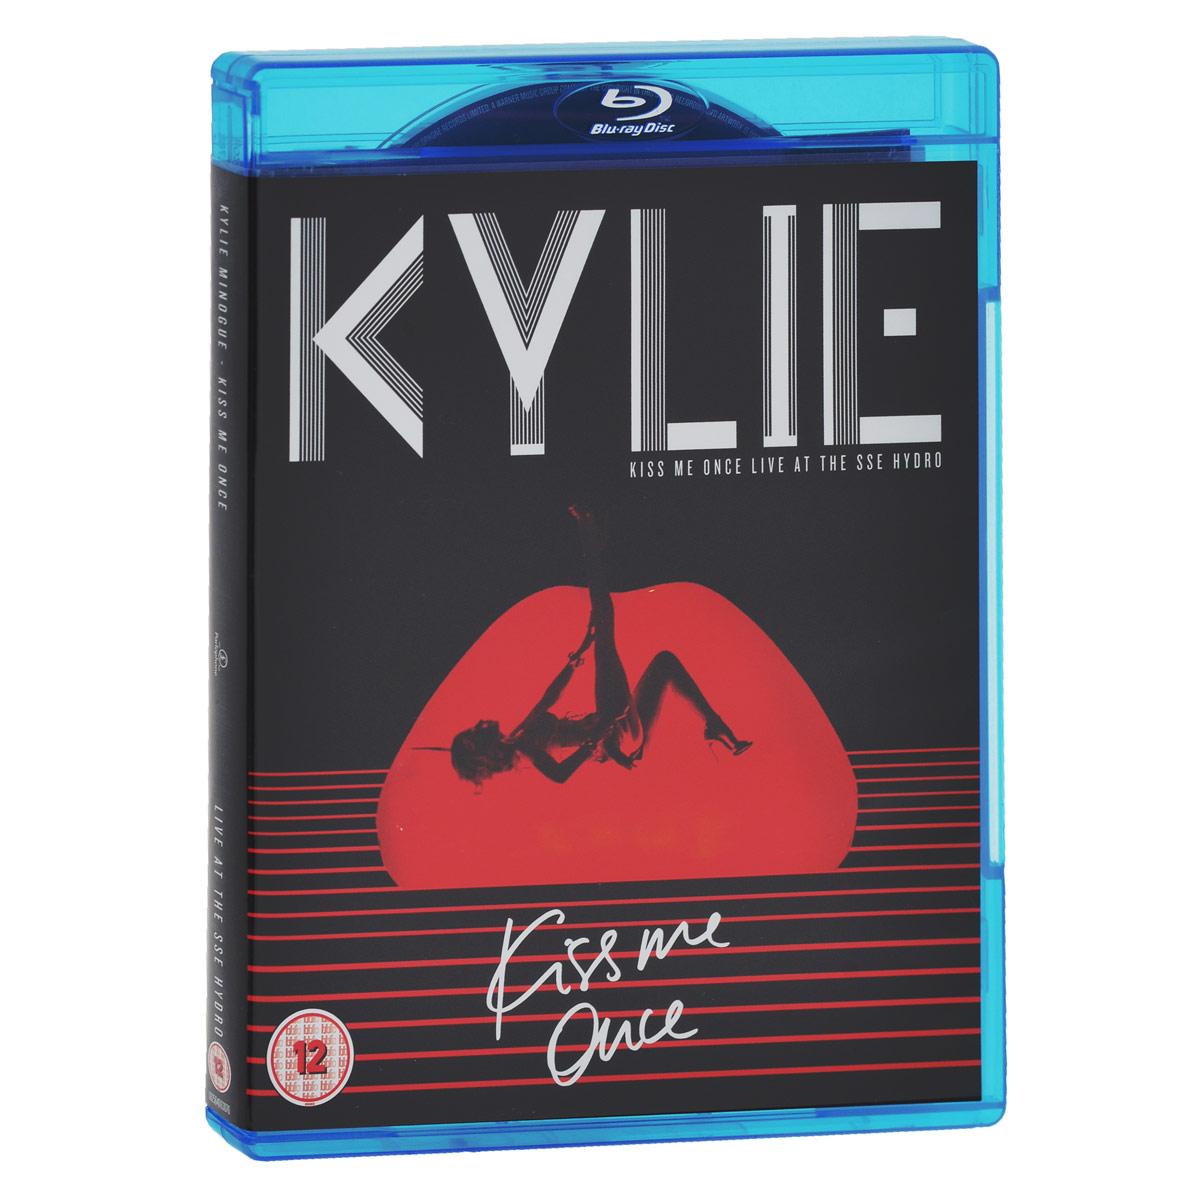 Кайли Миноуг Kylie Minogue. Kiss Me Once Live At The SSE Hydro (2 CD + Blu-ray) кайли миноуг kylie minogue kiss me once cd dvd